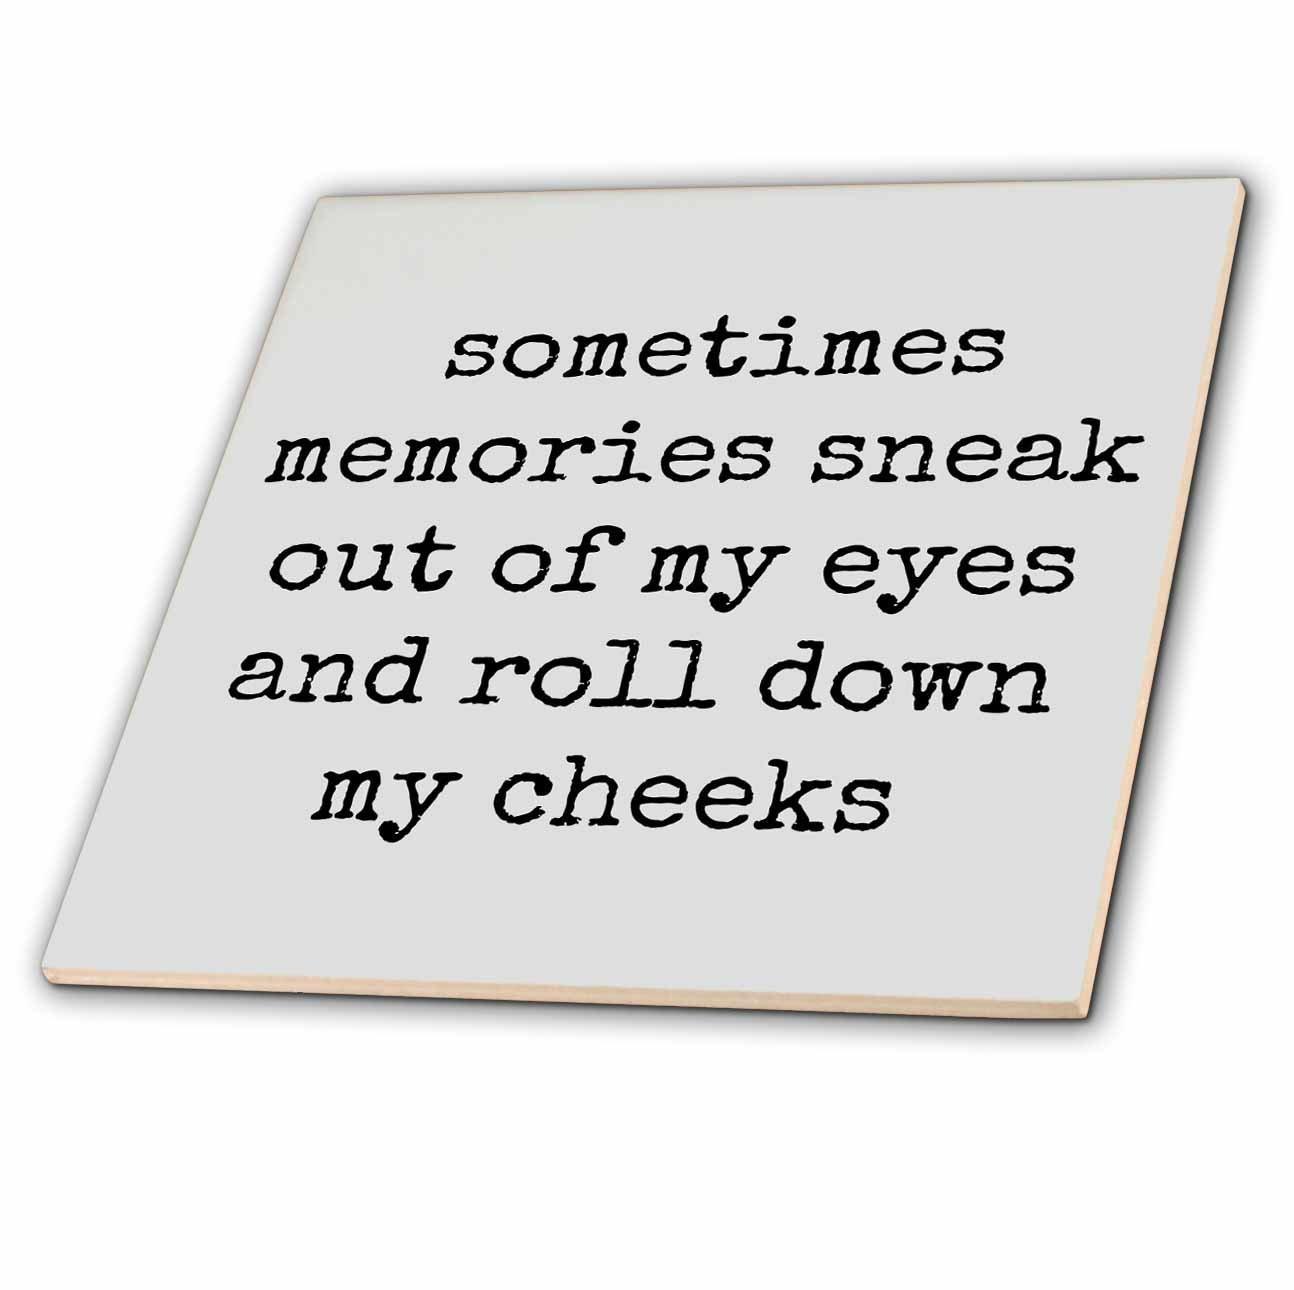 Buy Xander inspirational quotes - Sometimes memories sneak ...